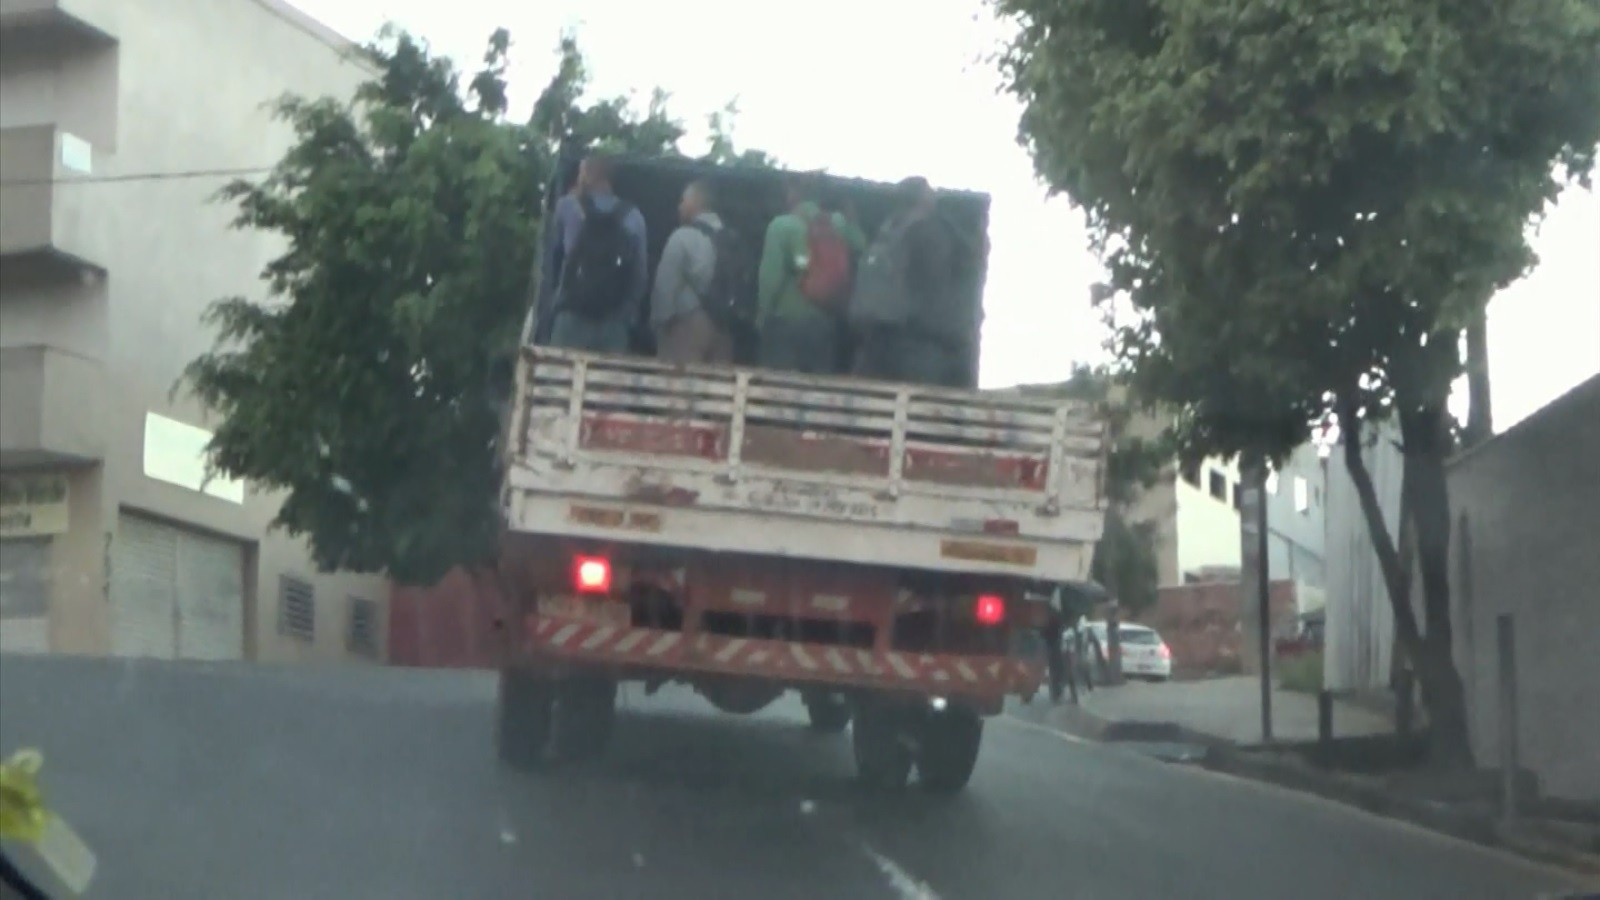 Flagrante mostra transporte irregular de trabalhadores em carroceria de caminhão - Notícias - Plantão Diário